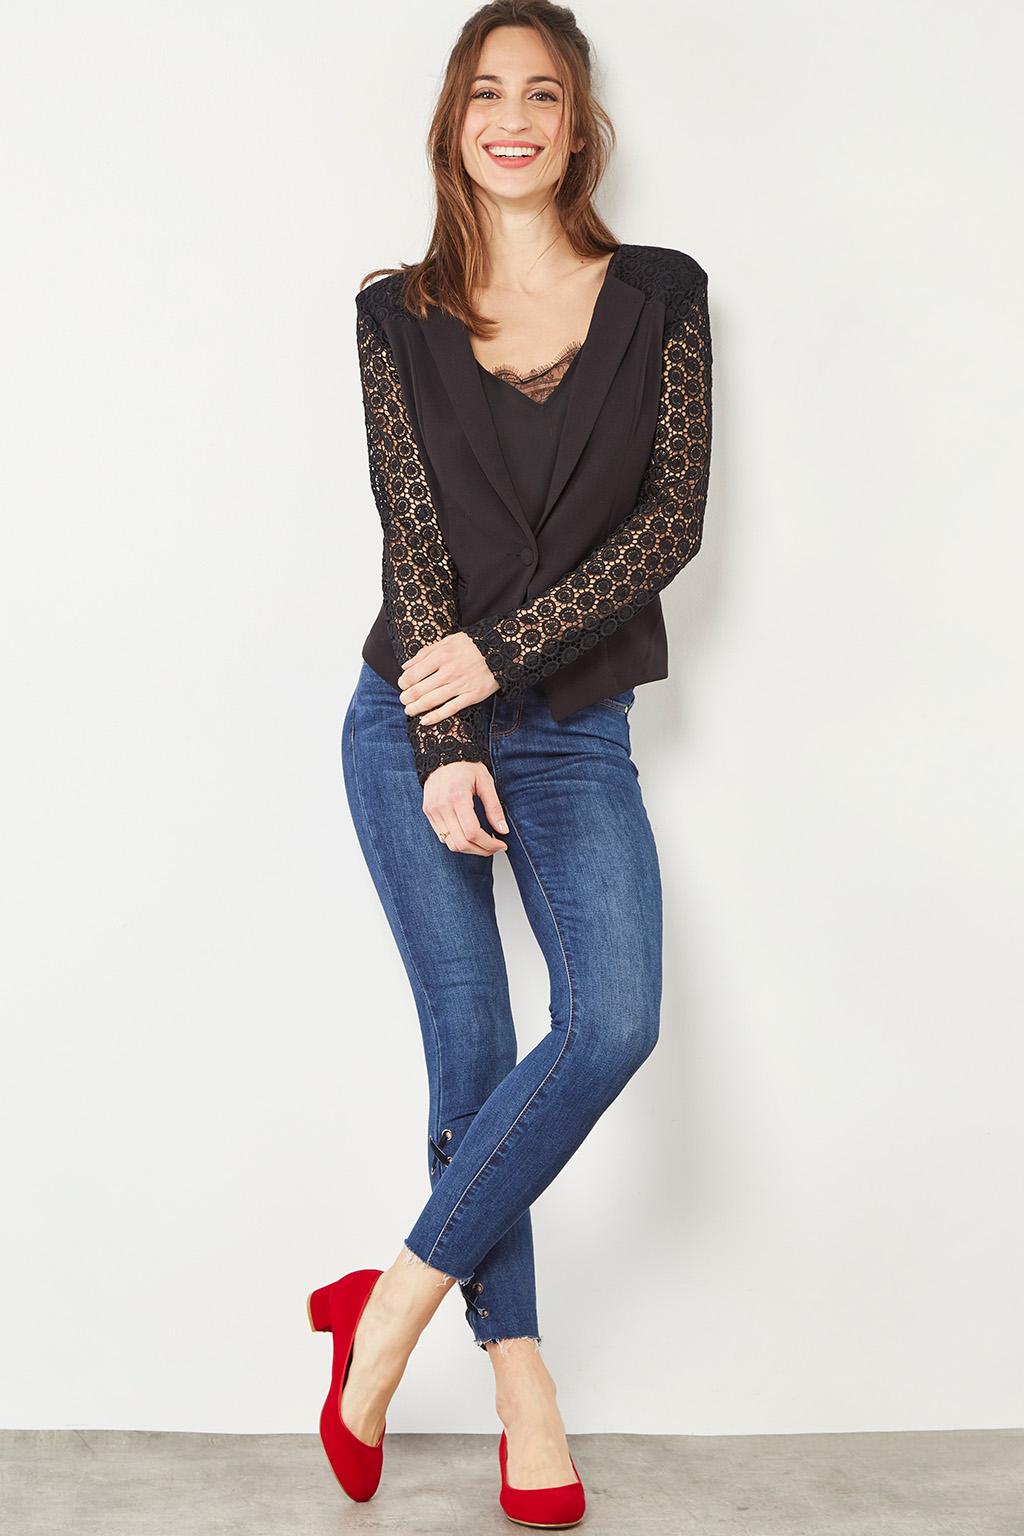 Vente de chaussures #collectionIRL et 5 looks de nouveautés pour femme, Showroomprivé.